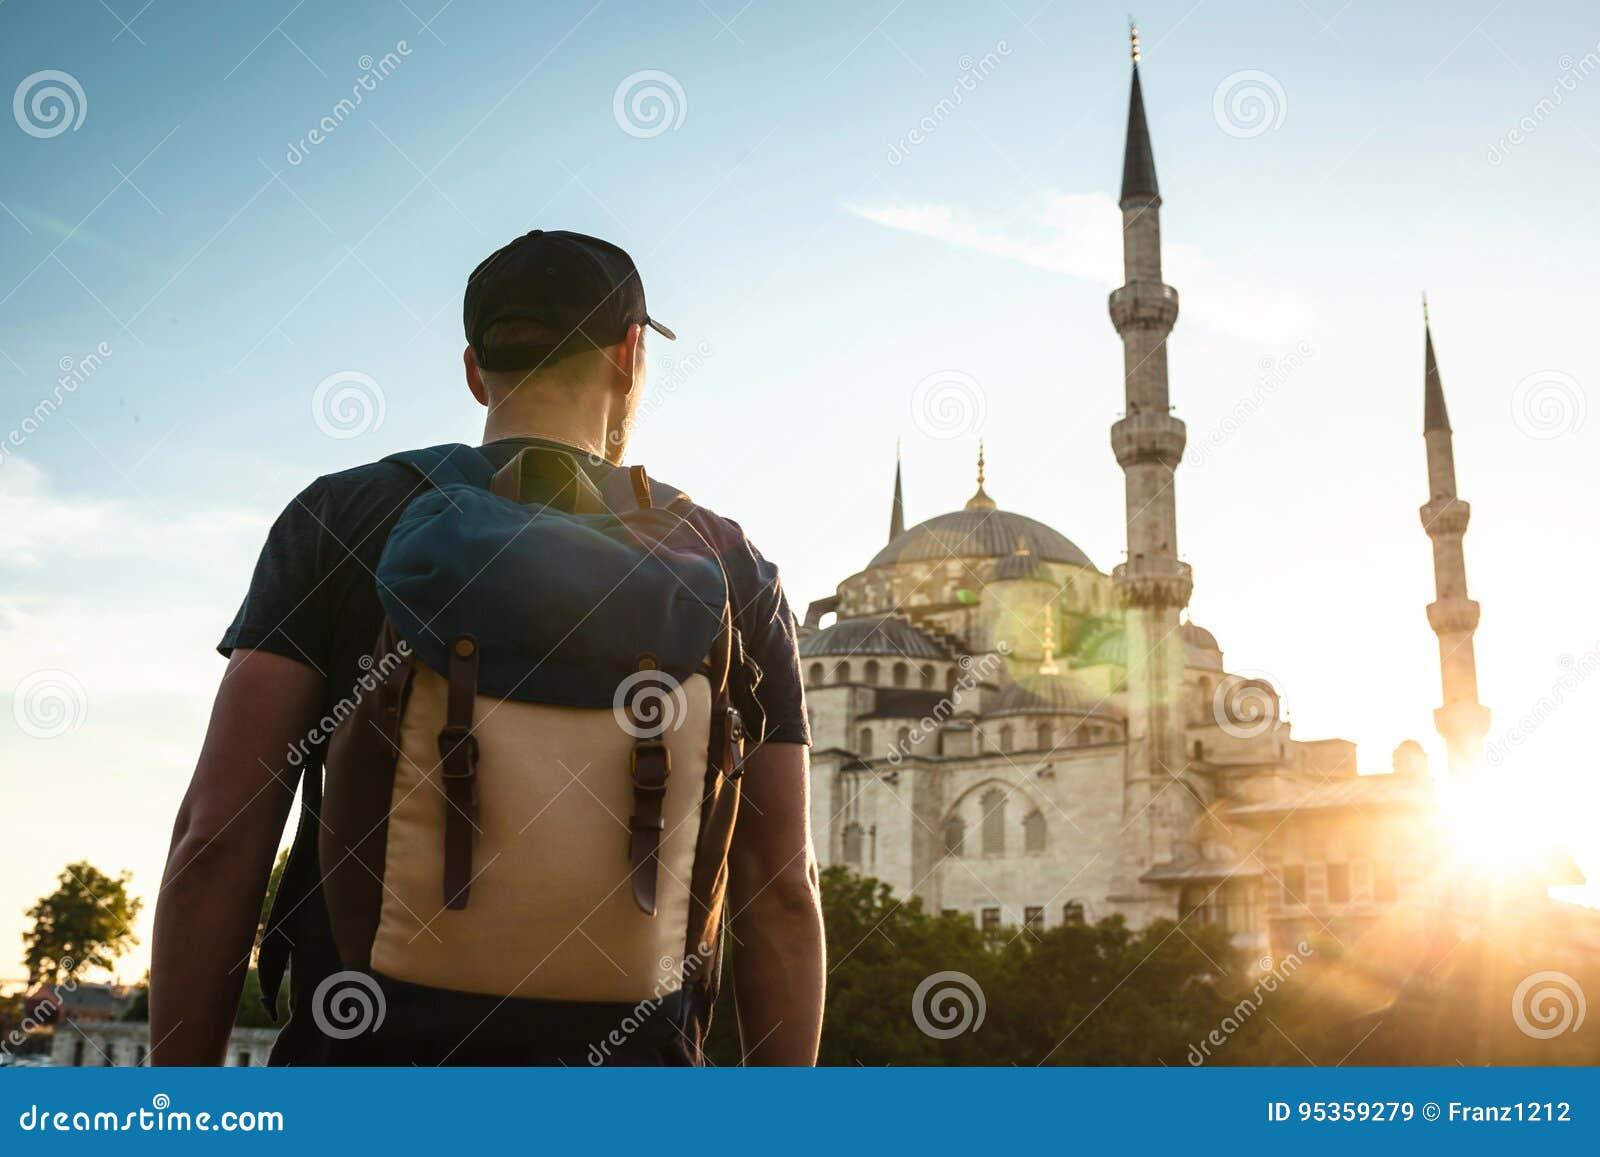 Mężczyzna w baseball nakrętce z plecakiem obok błękitnego meczetu jest sławnym widokiem w Istanbuł Podróż, turystyka